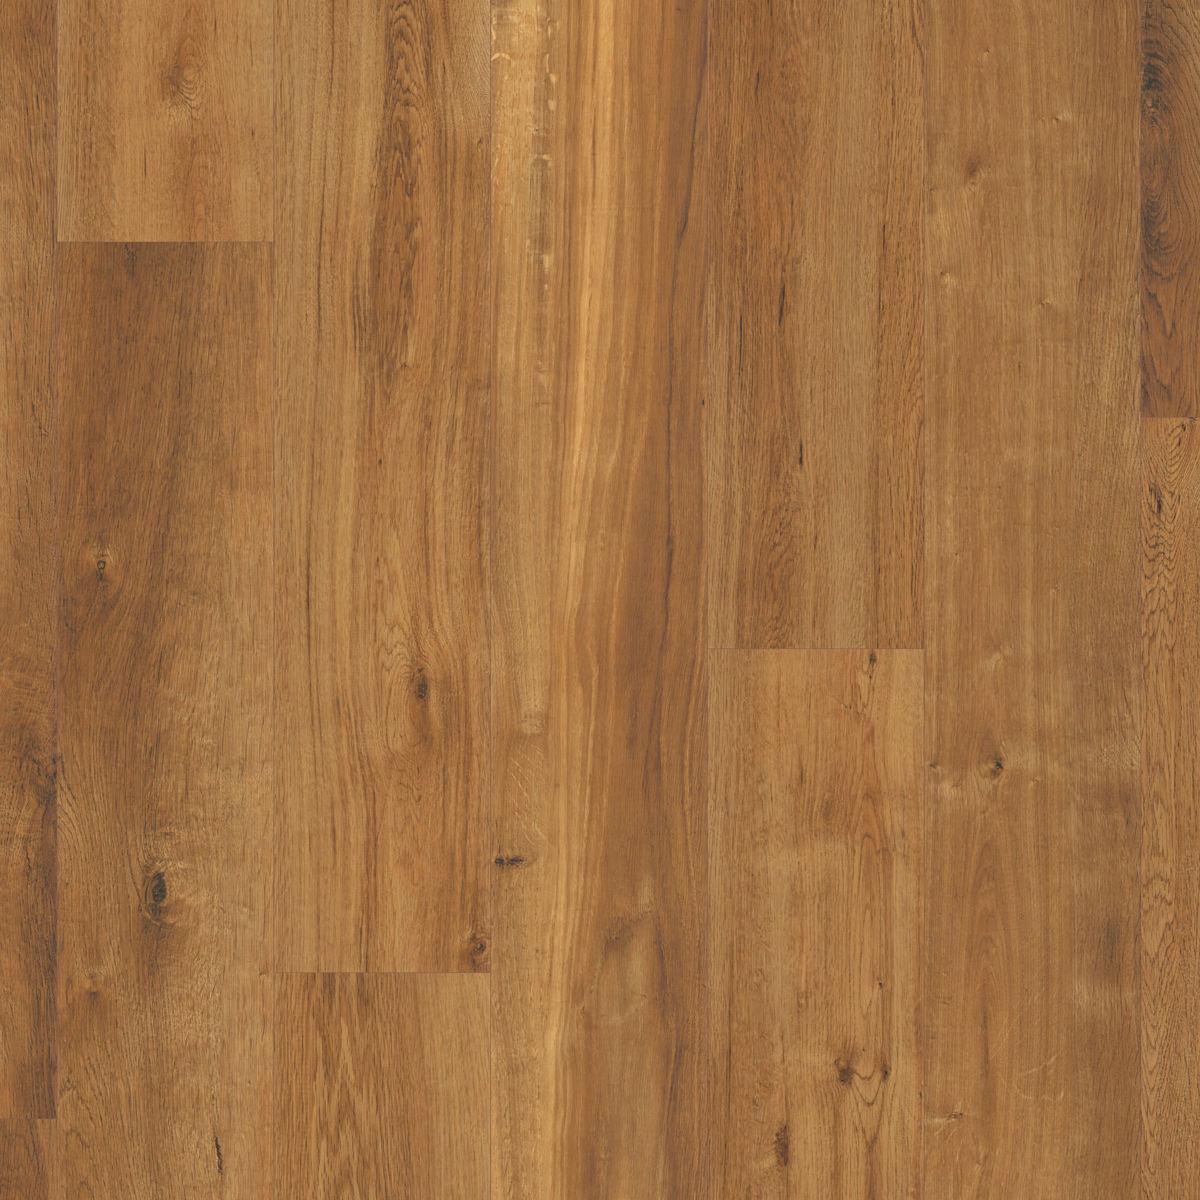 Karndean Van Gogh Classic Oak Vgw86t Vinyl Flooring